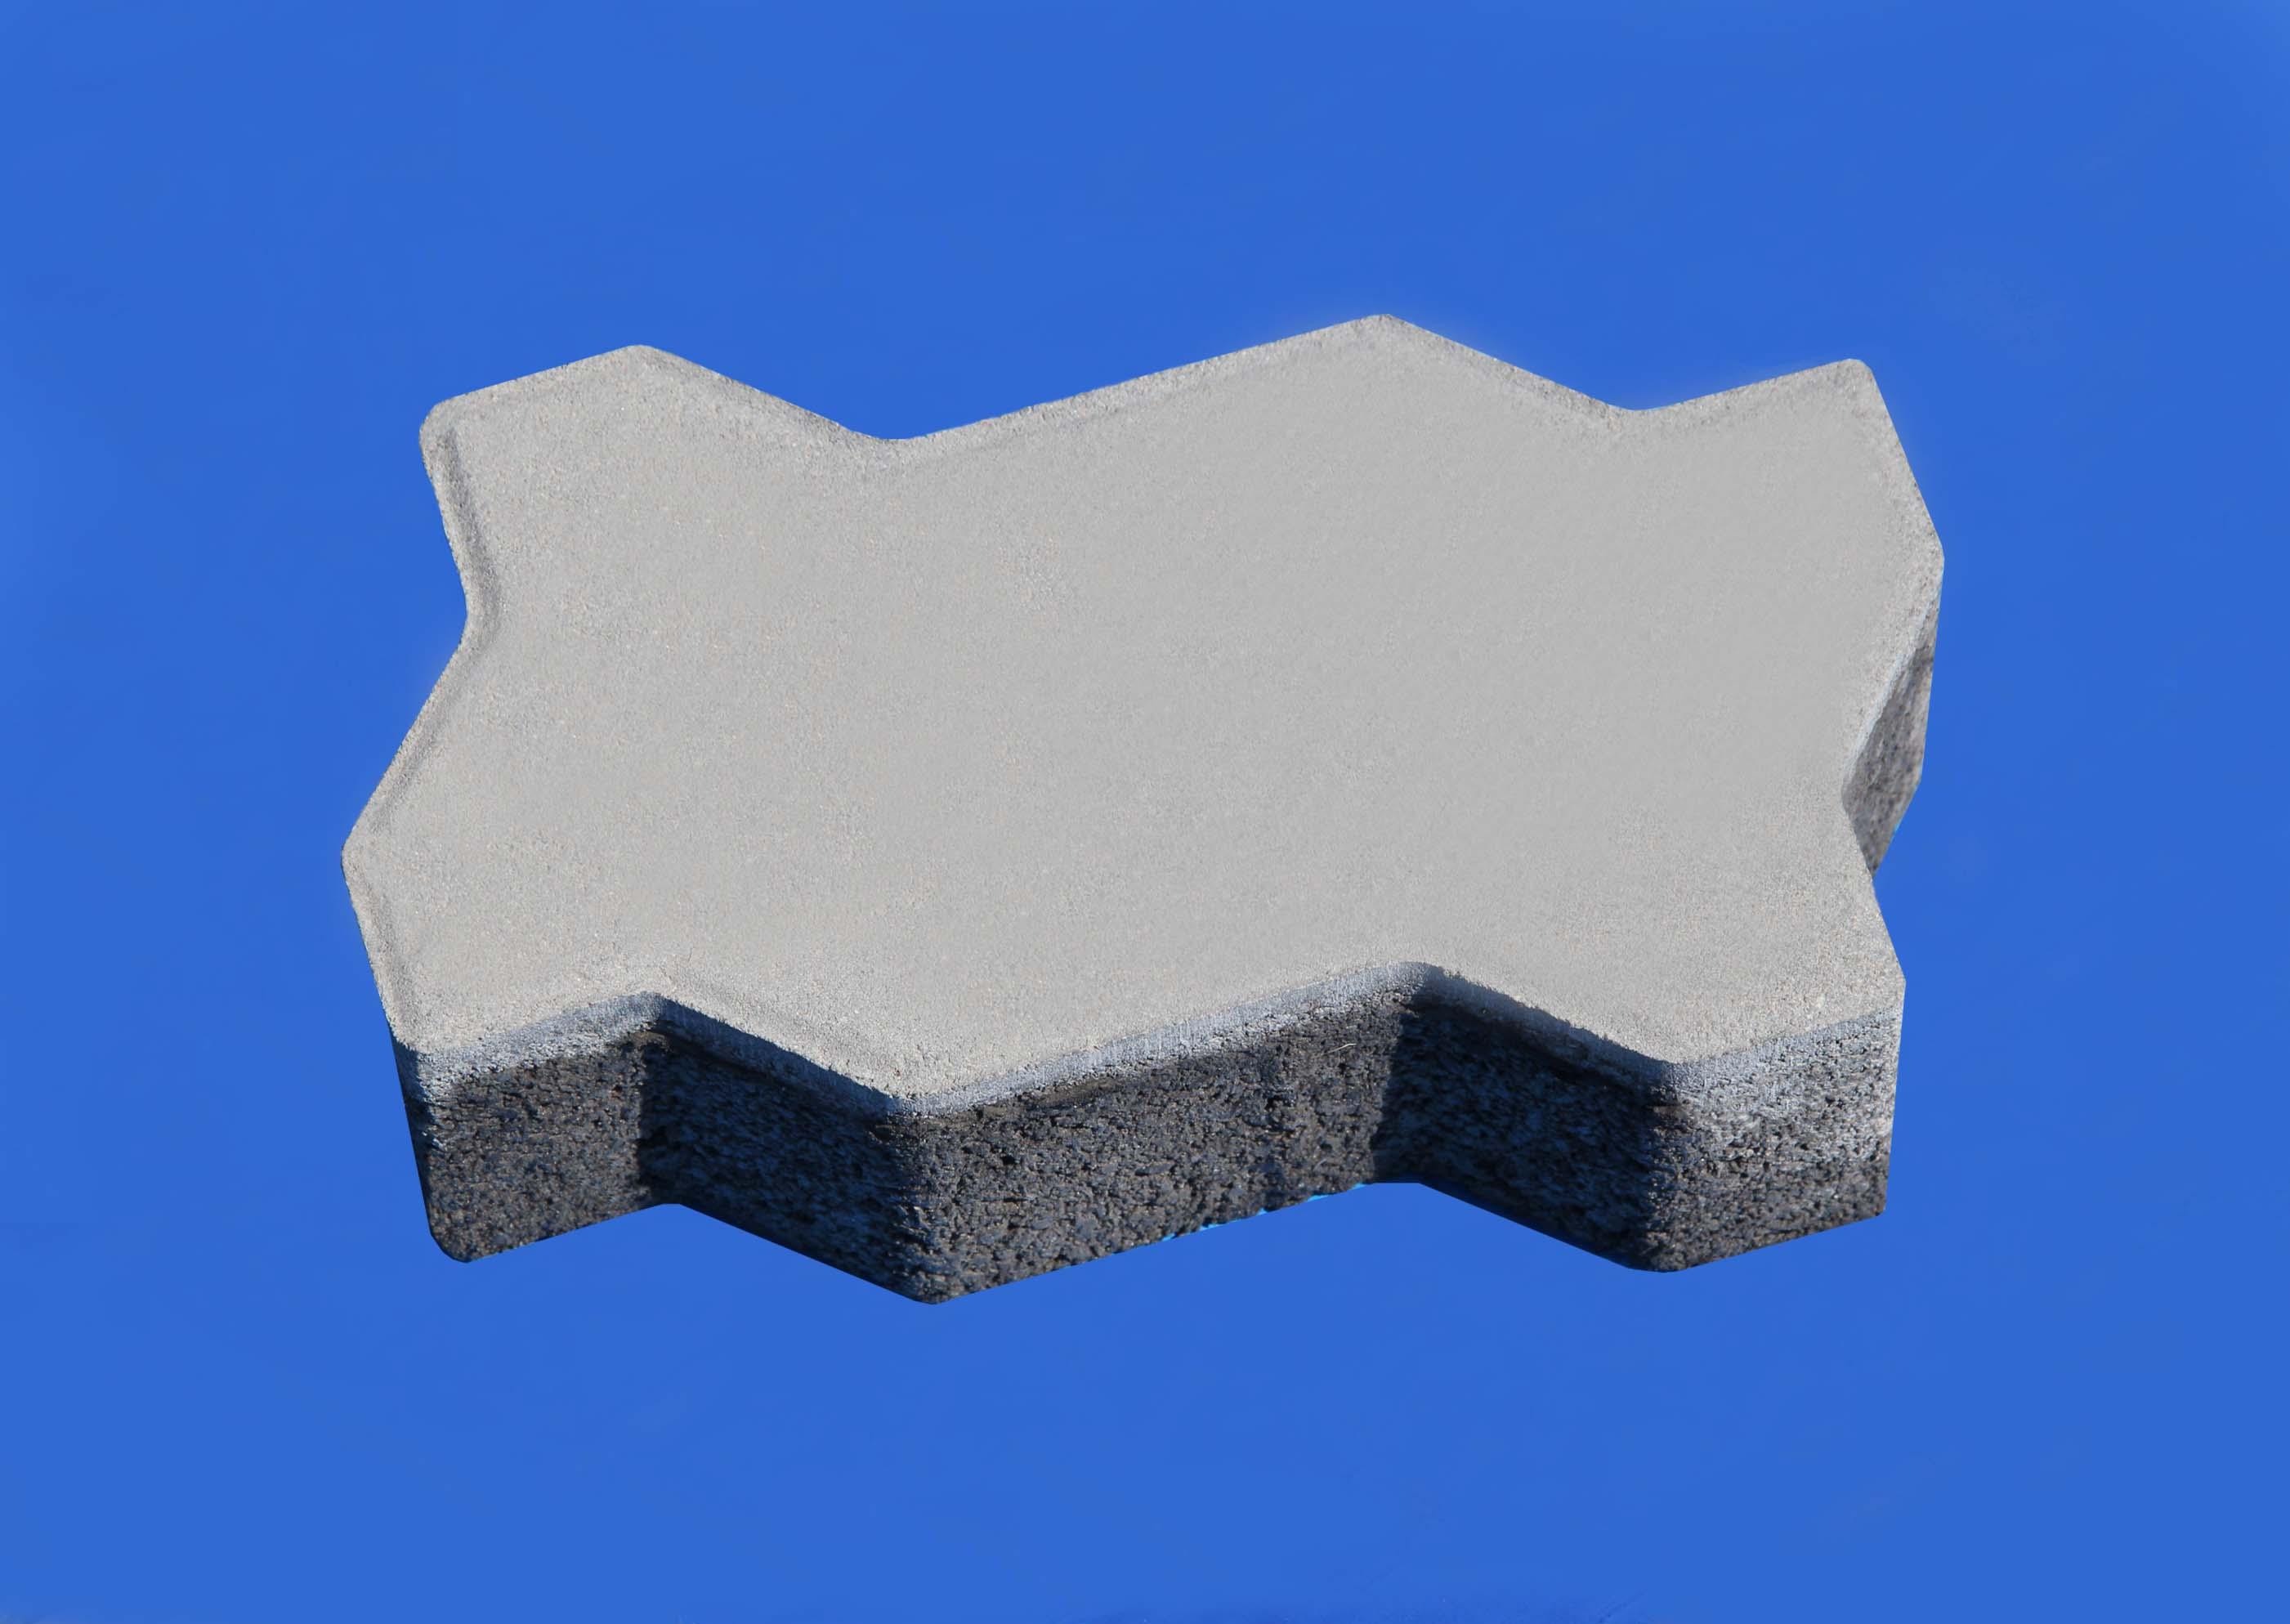 彩色地面砖系列之本色波浪砖